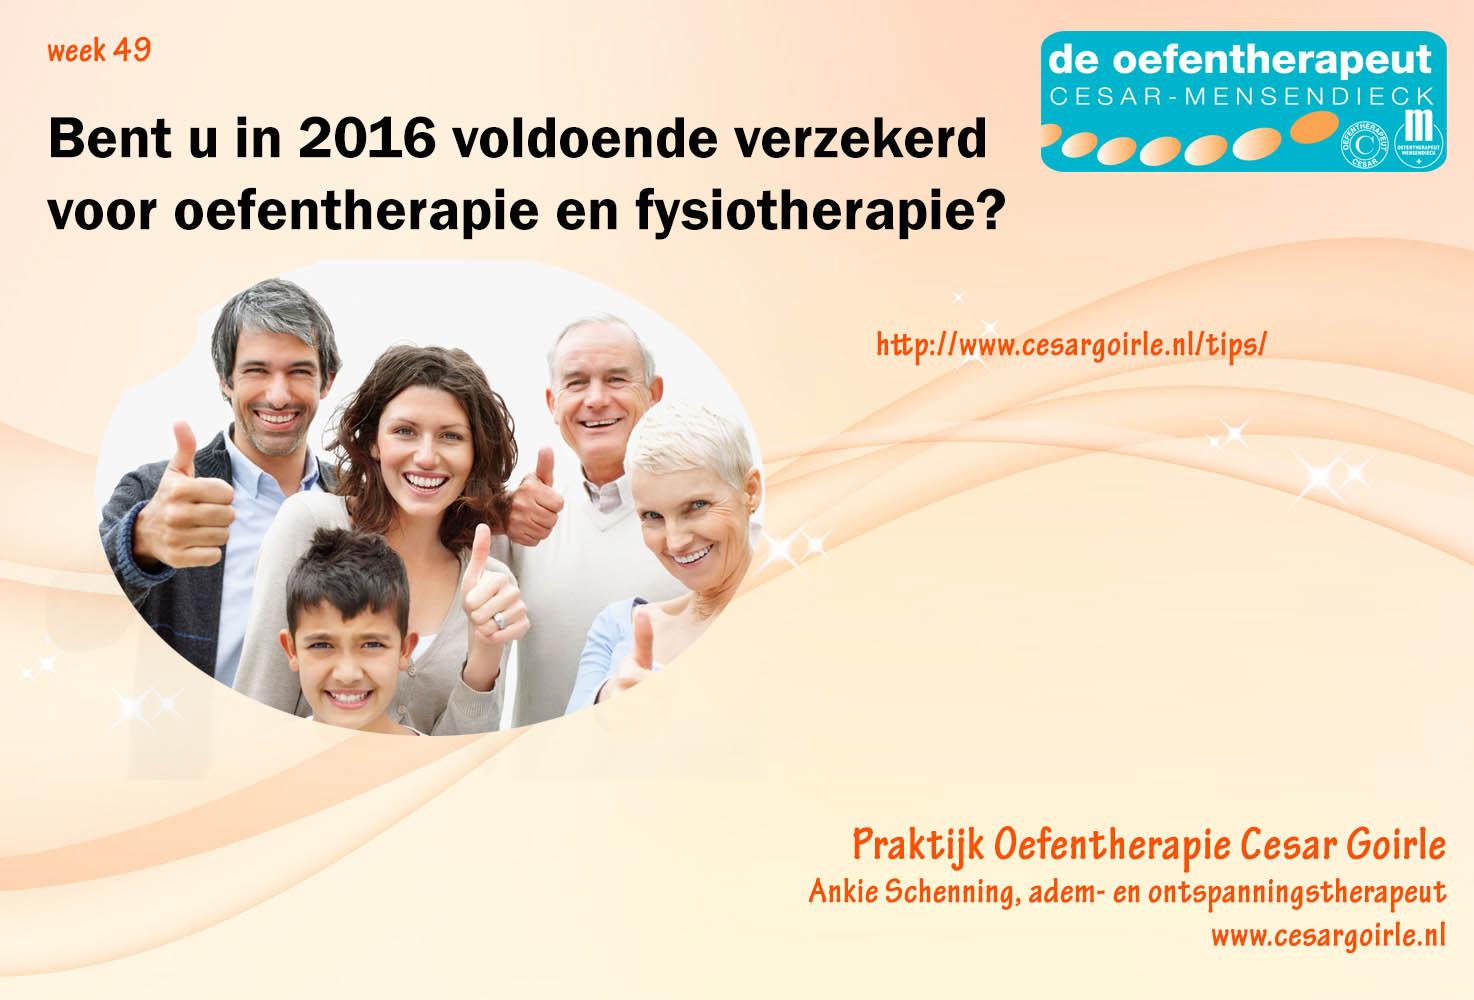 Bent u in 2016 voldoende verzekerd voor oefentherapie en fysiotherapie?